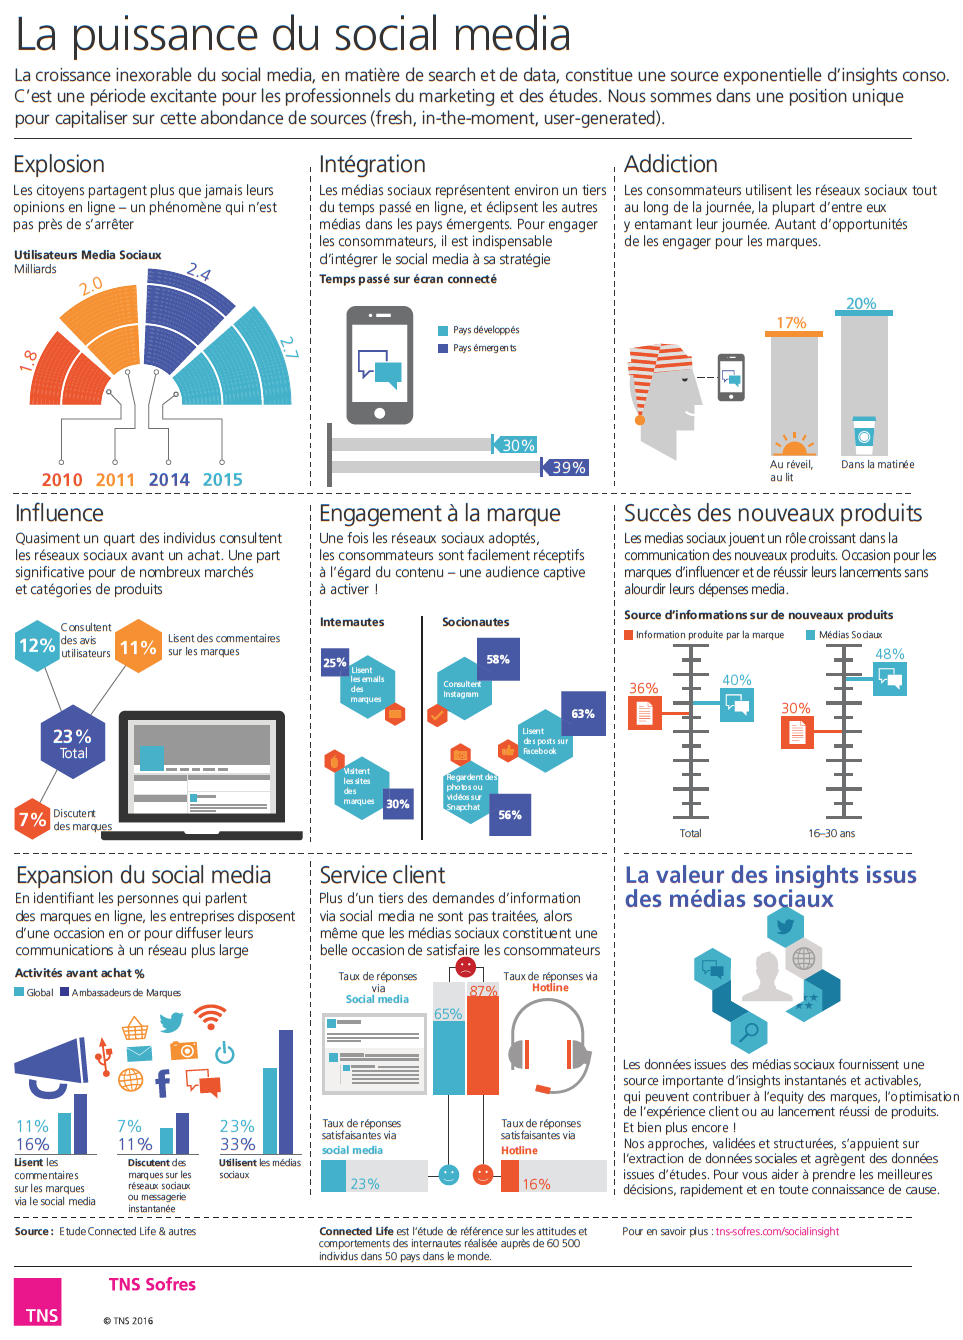 Infographie TNS Sofres la puissance du social media réseaux sociaux